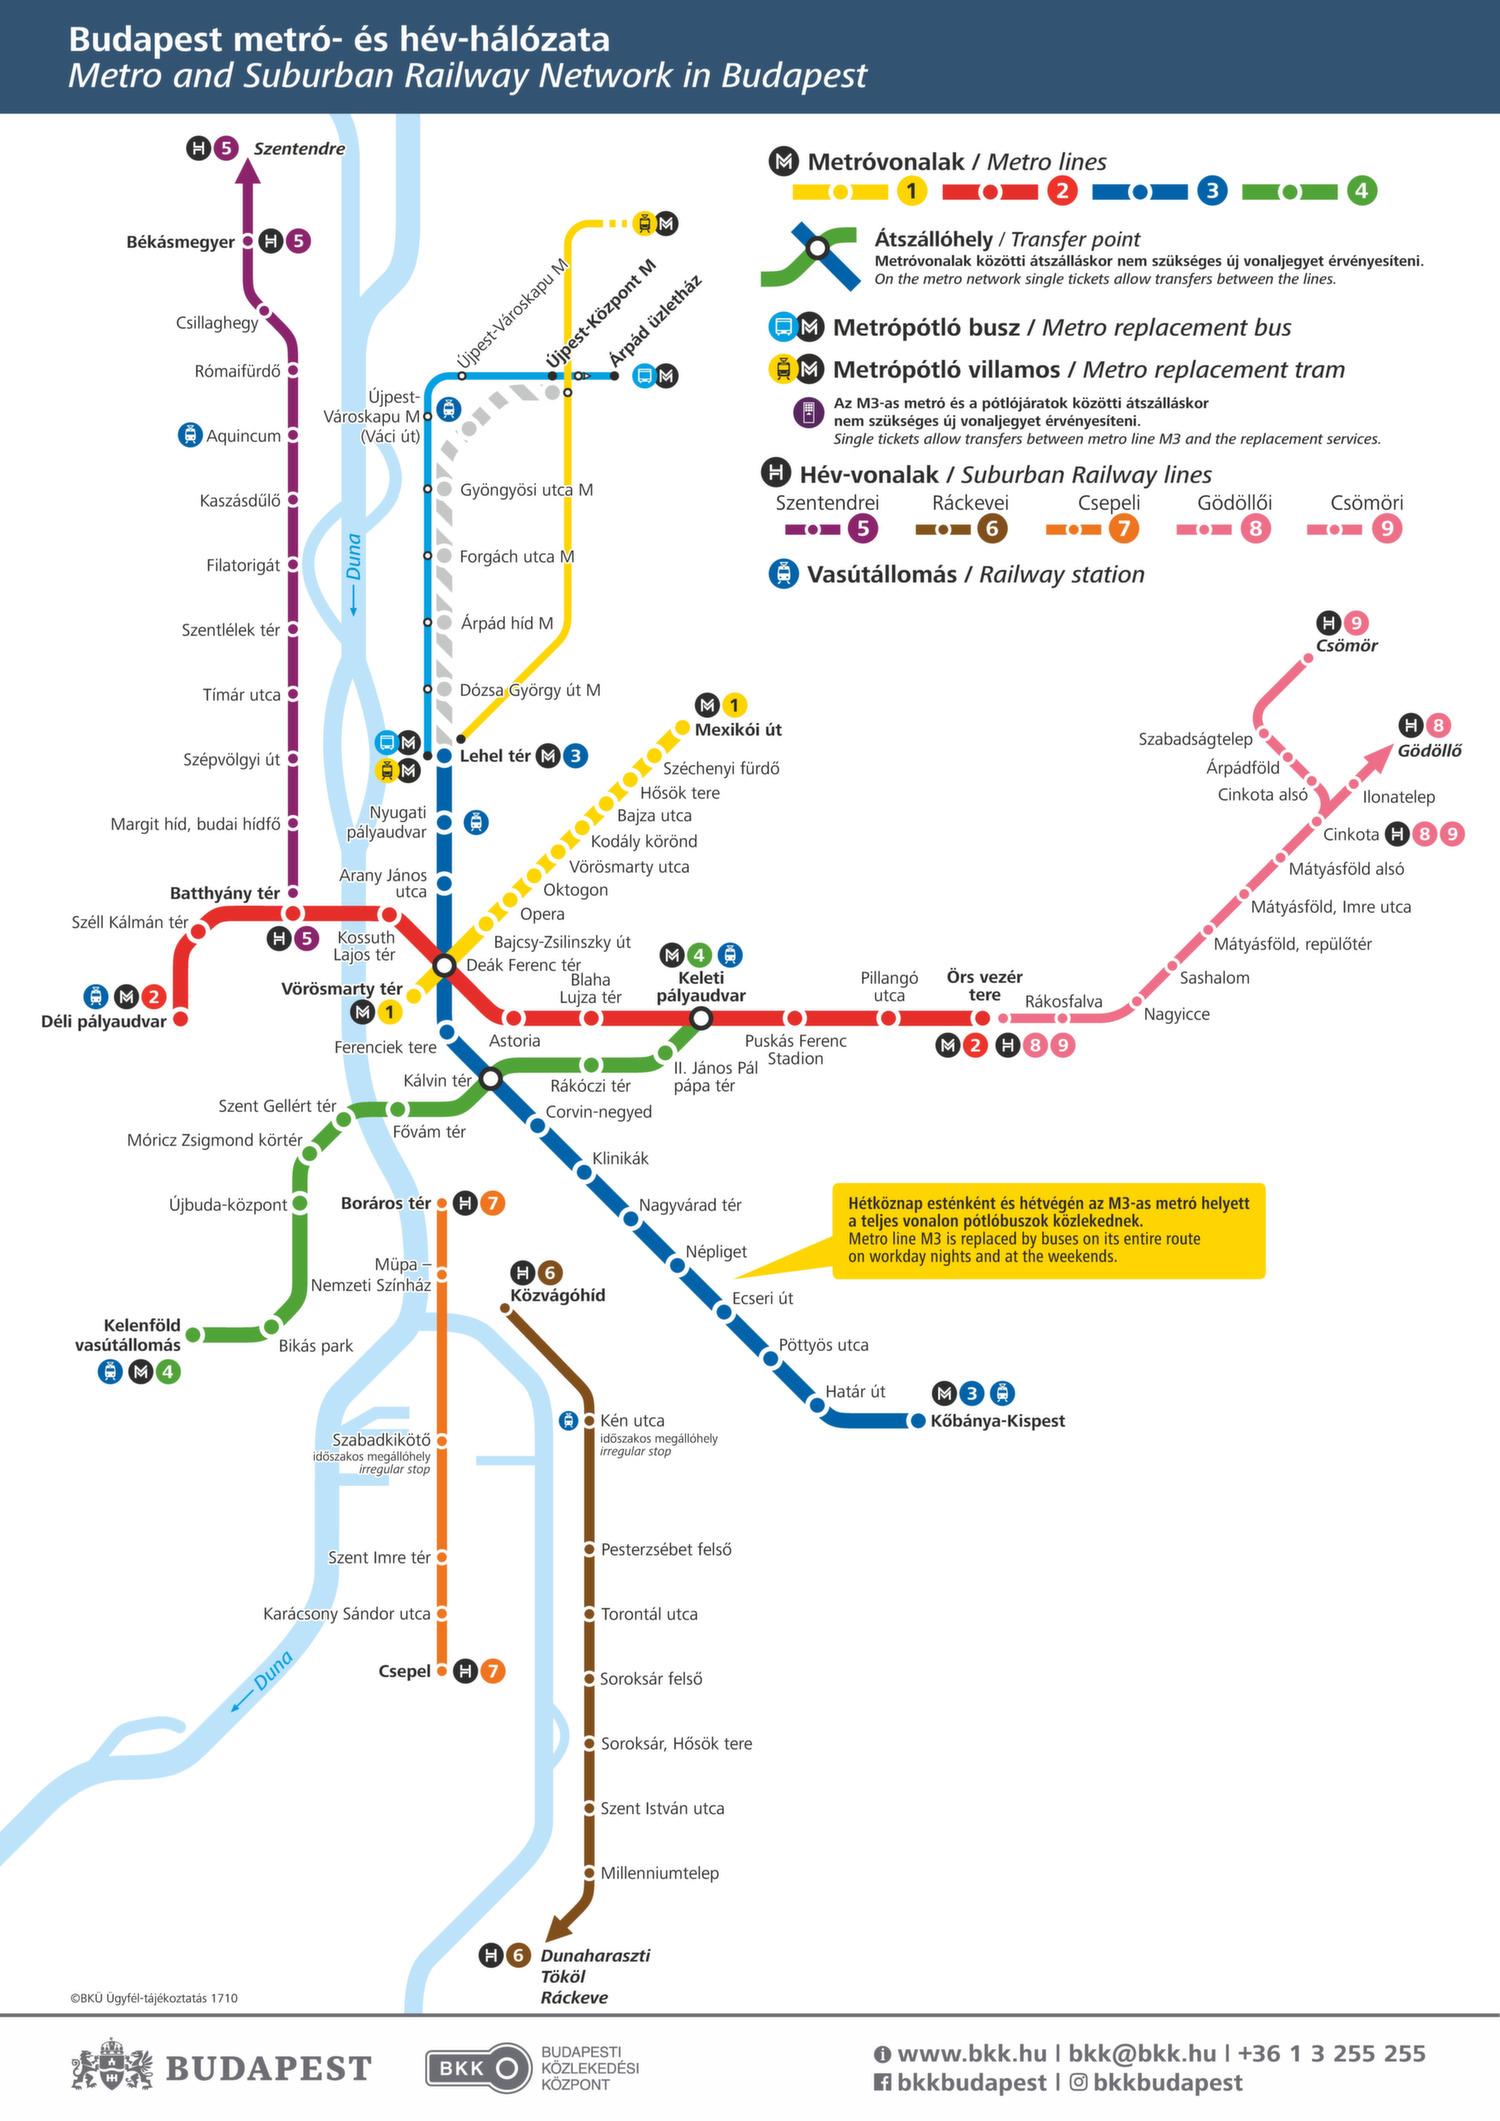 ᐅ Budapest Metro Map 2018 Schnell Von Ab In Budapest